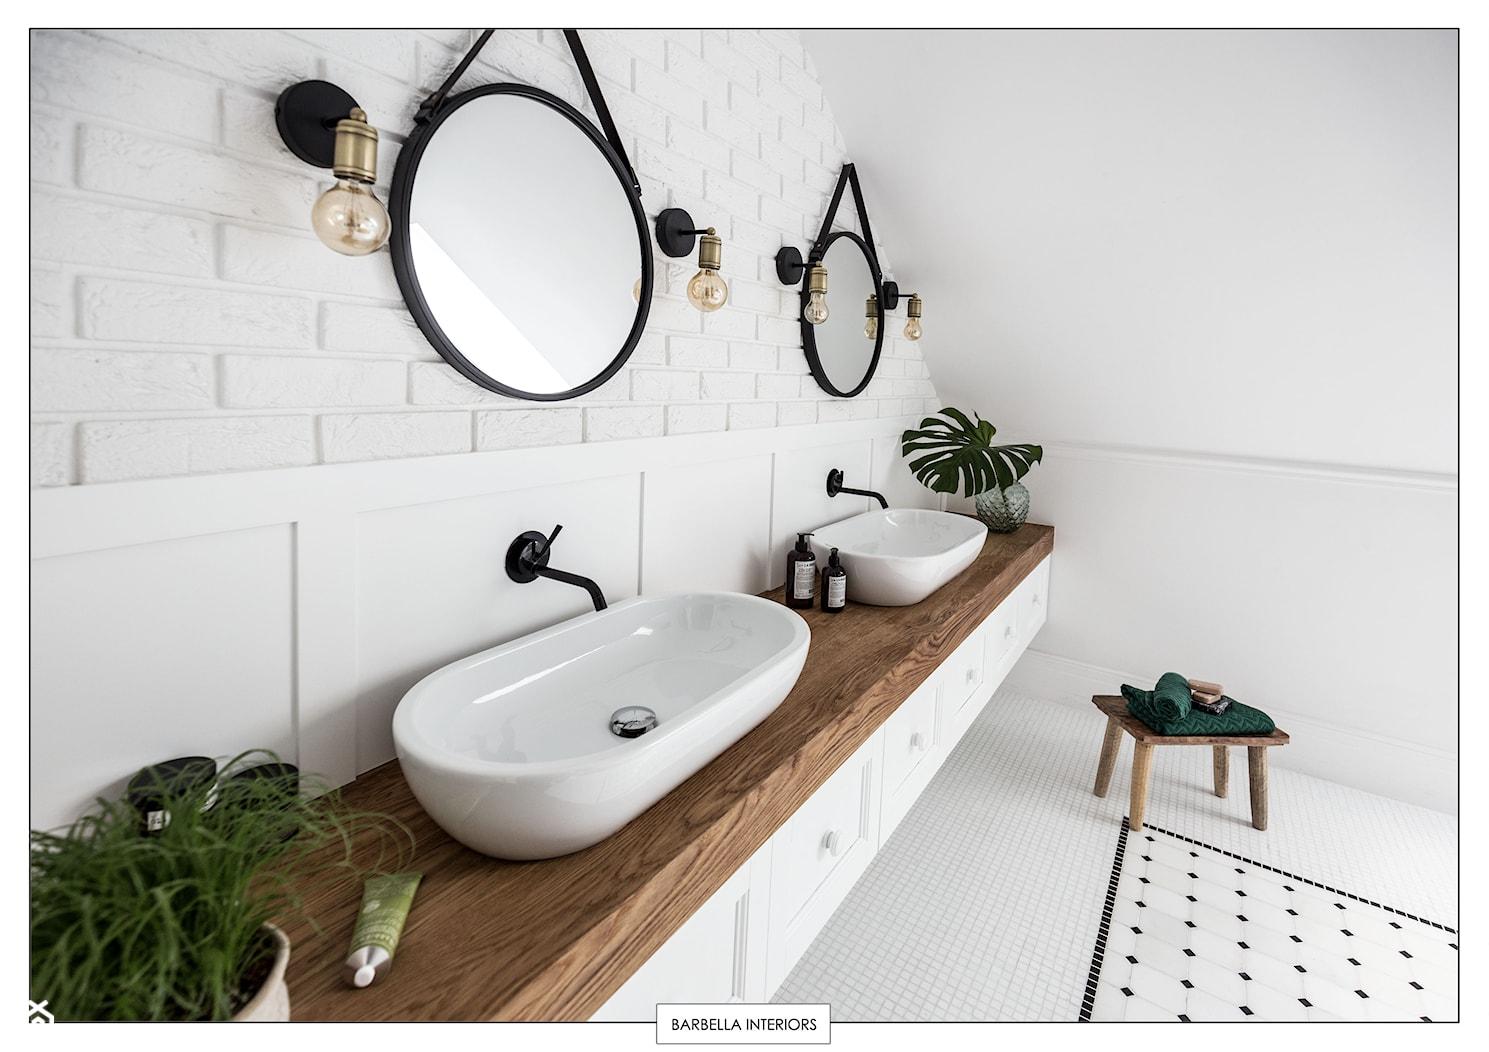 sesja fotograficzna domu pod Warszawą - Duża biała łazienka na poddaszu jako salon kąpielowy, styl eklektyczny - zdjęcie od BARBELLA INTERIORS ( dawniej 5tud10 architektoniczne) - Homebook